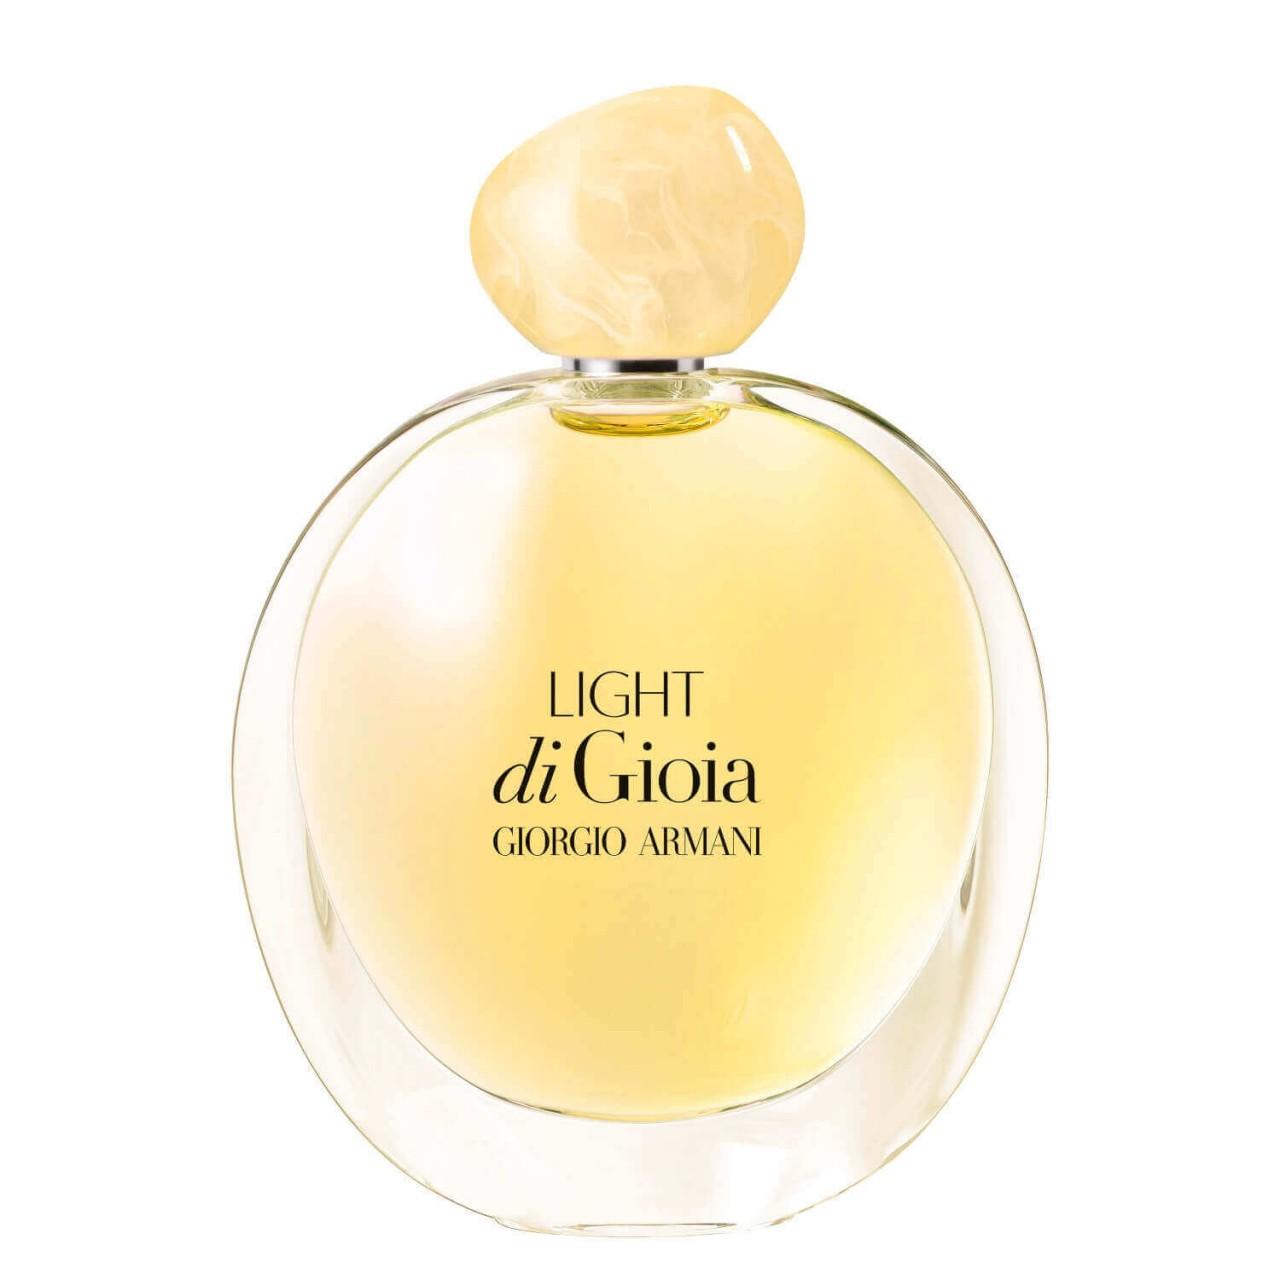 ARMANI - Light Di Gioia Eau de Parfum - 30 ml